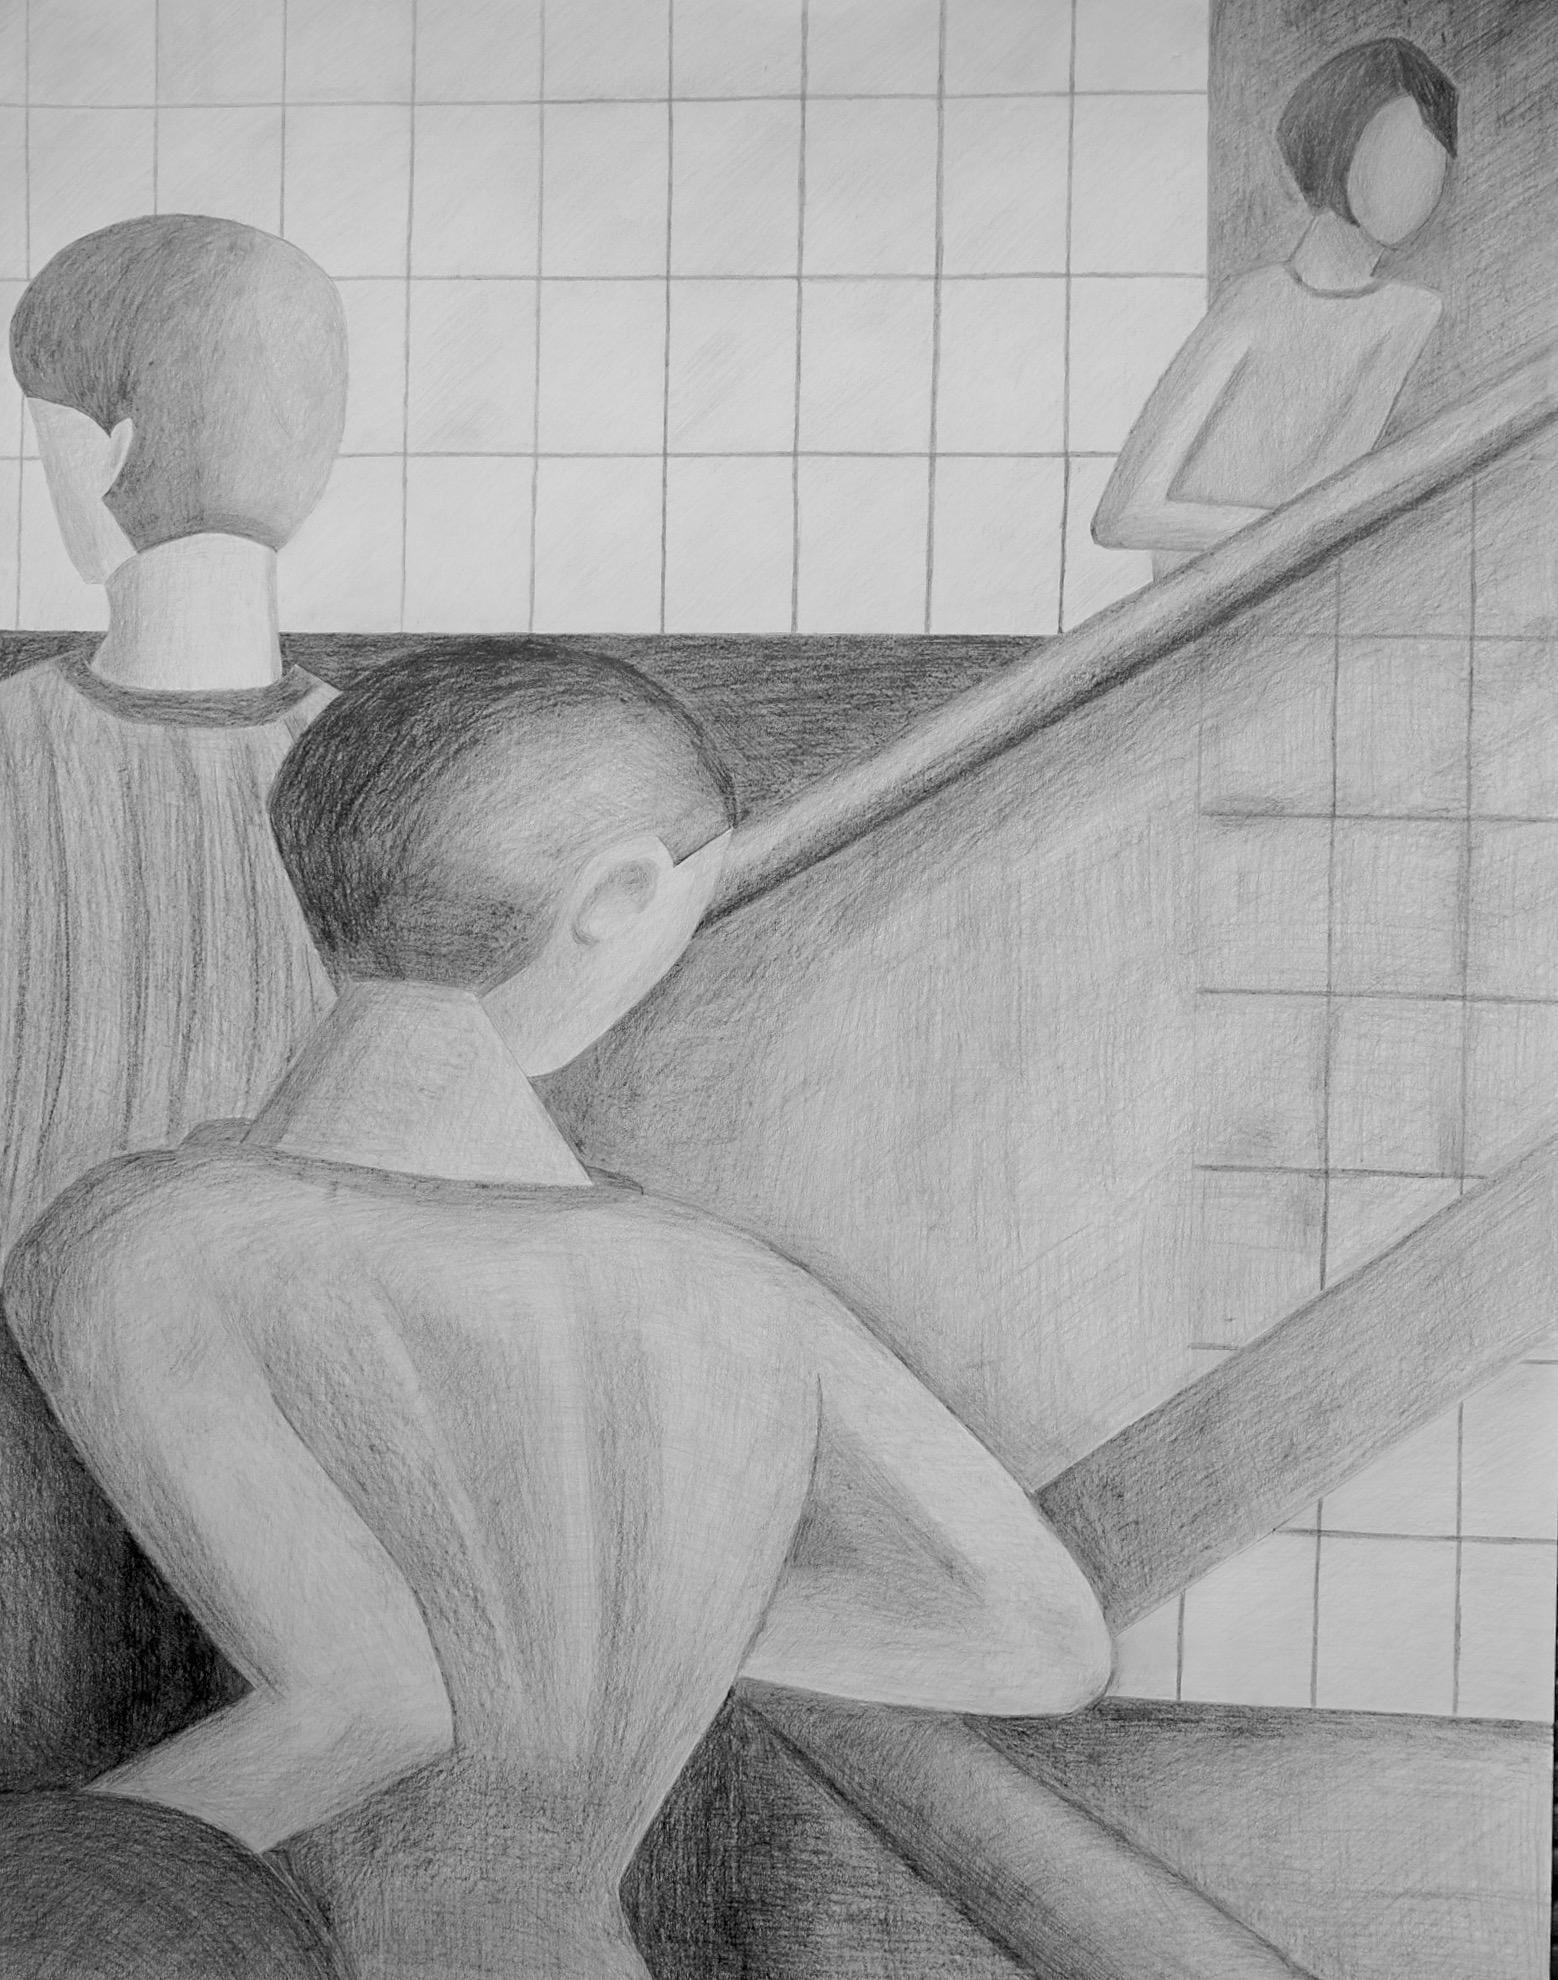 nach Schlemmer 1, 90 x 70 cm, Bleistiftzeichnung auf Papier, signiert und datiert 2015